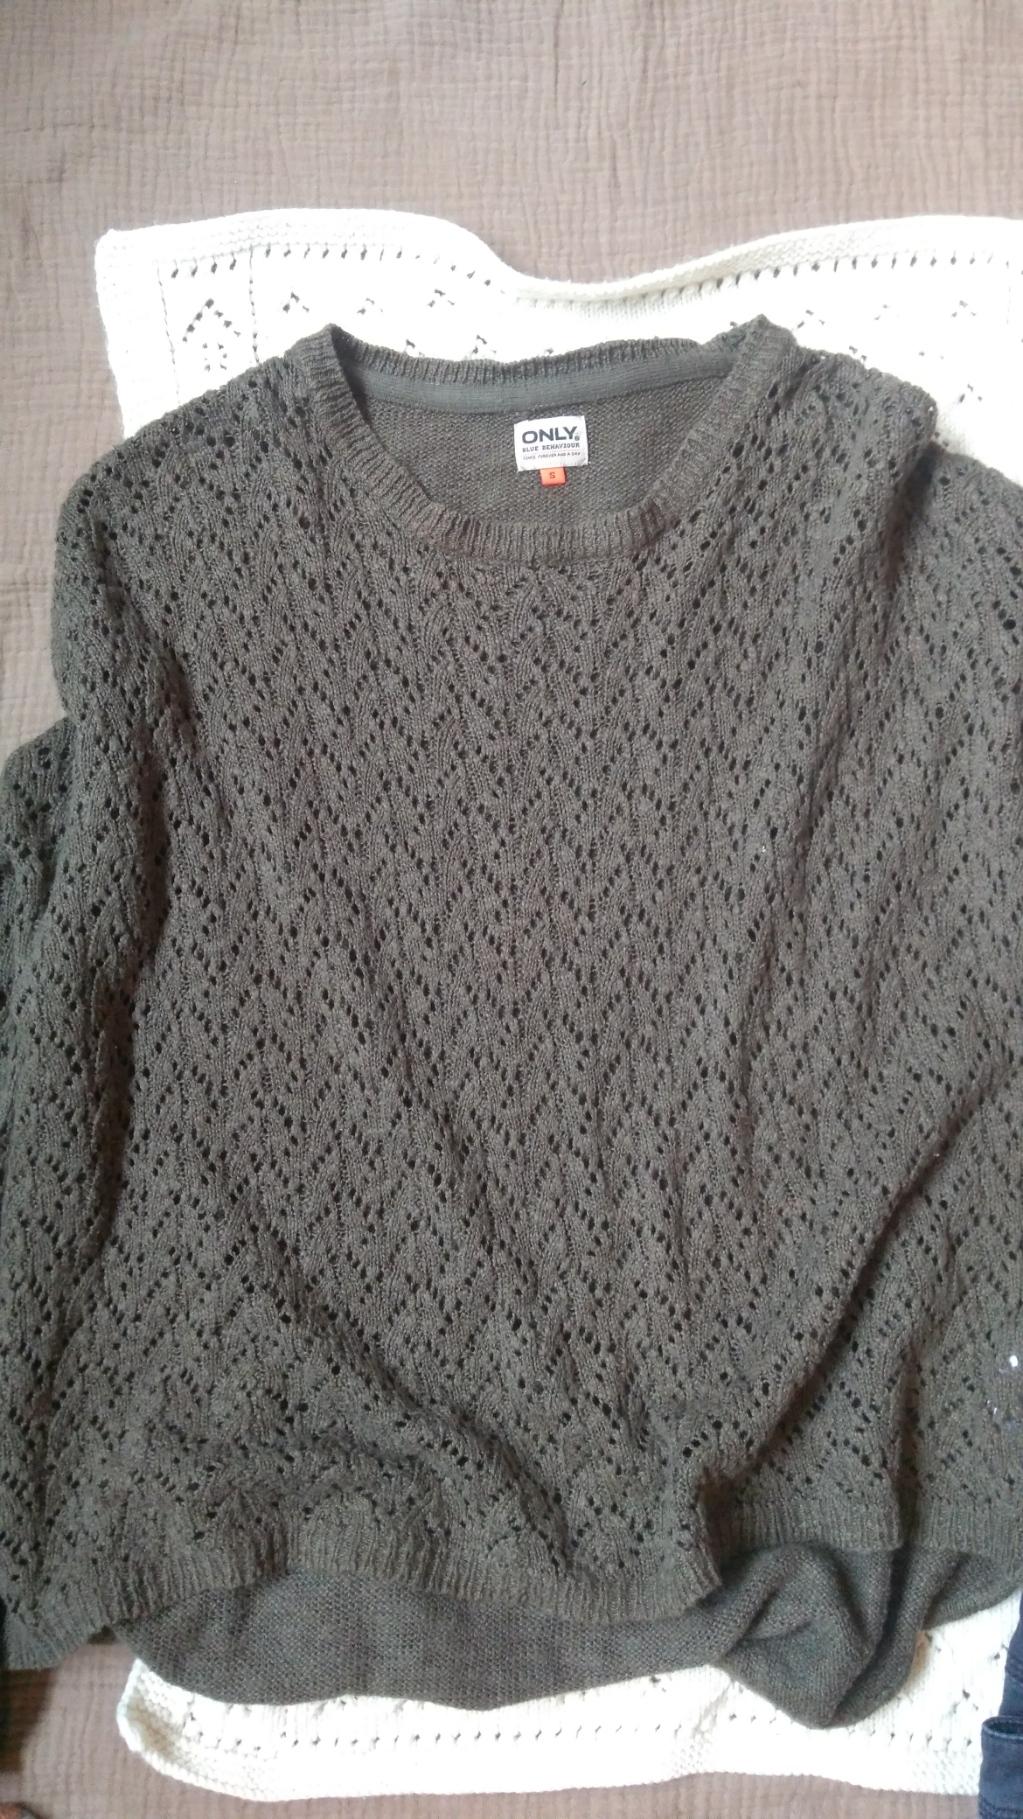 Only Pullover Strickmuster tauschen